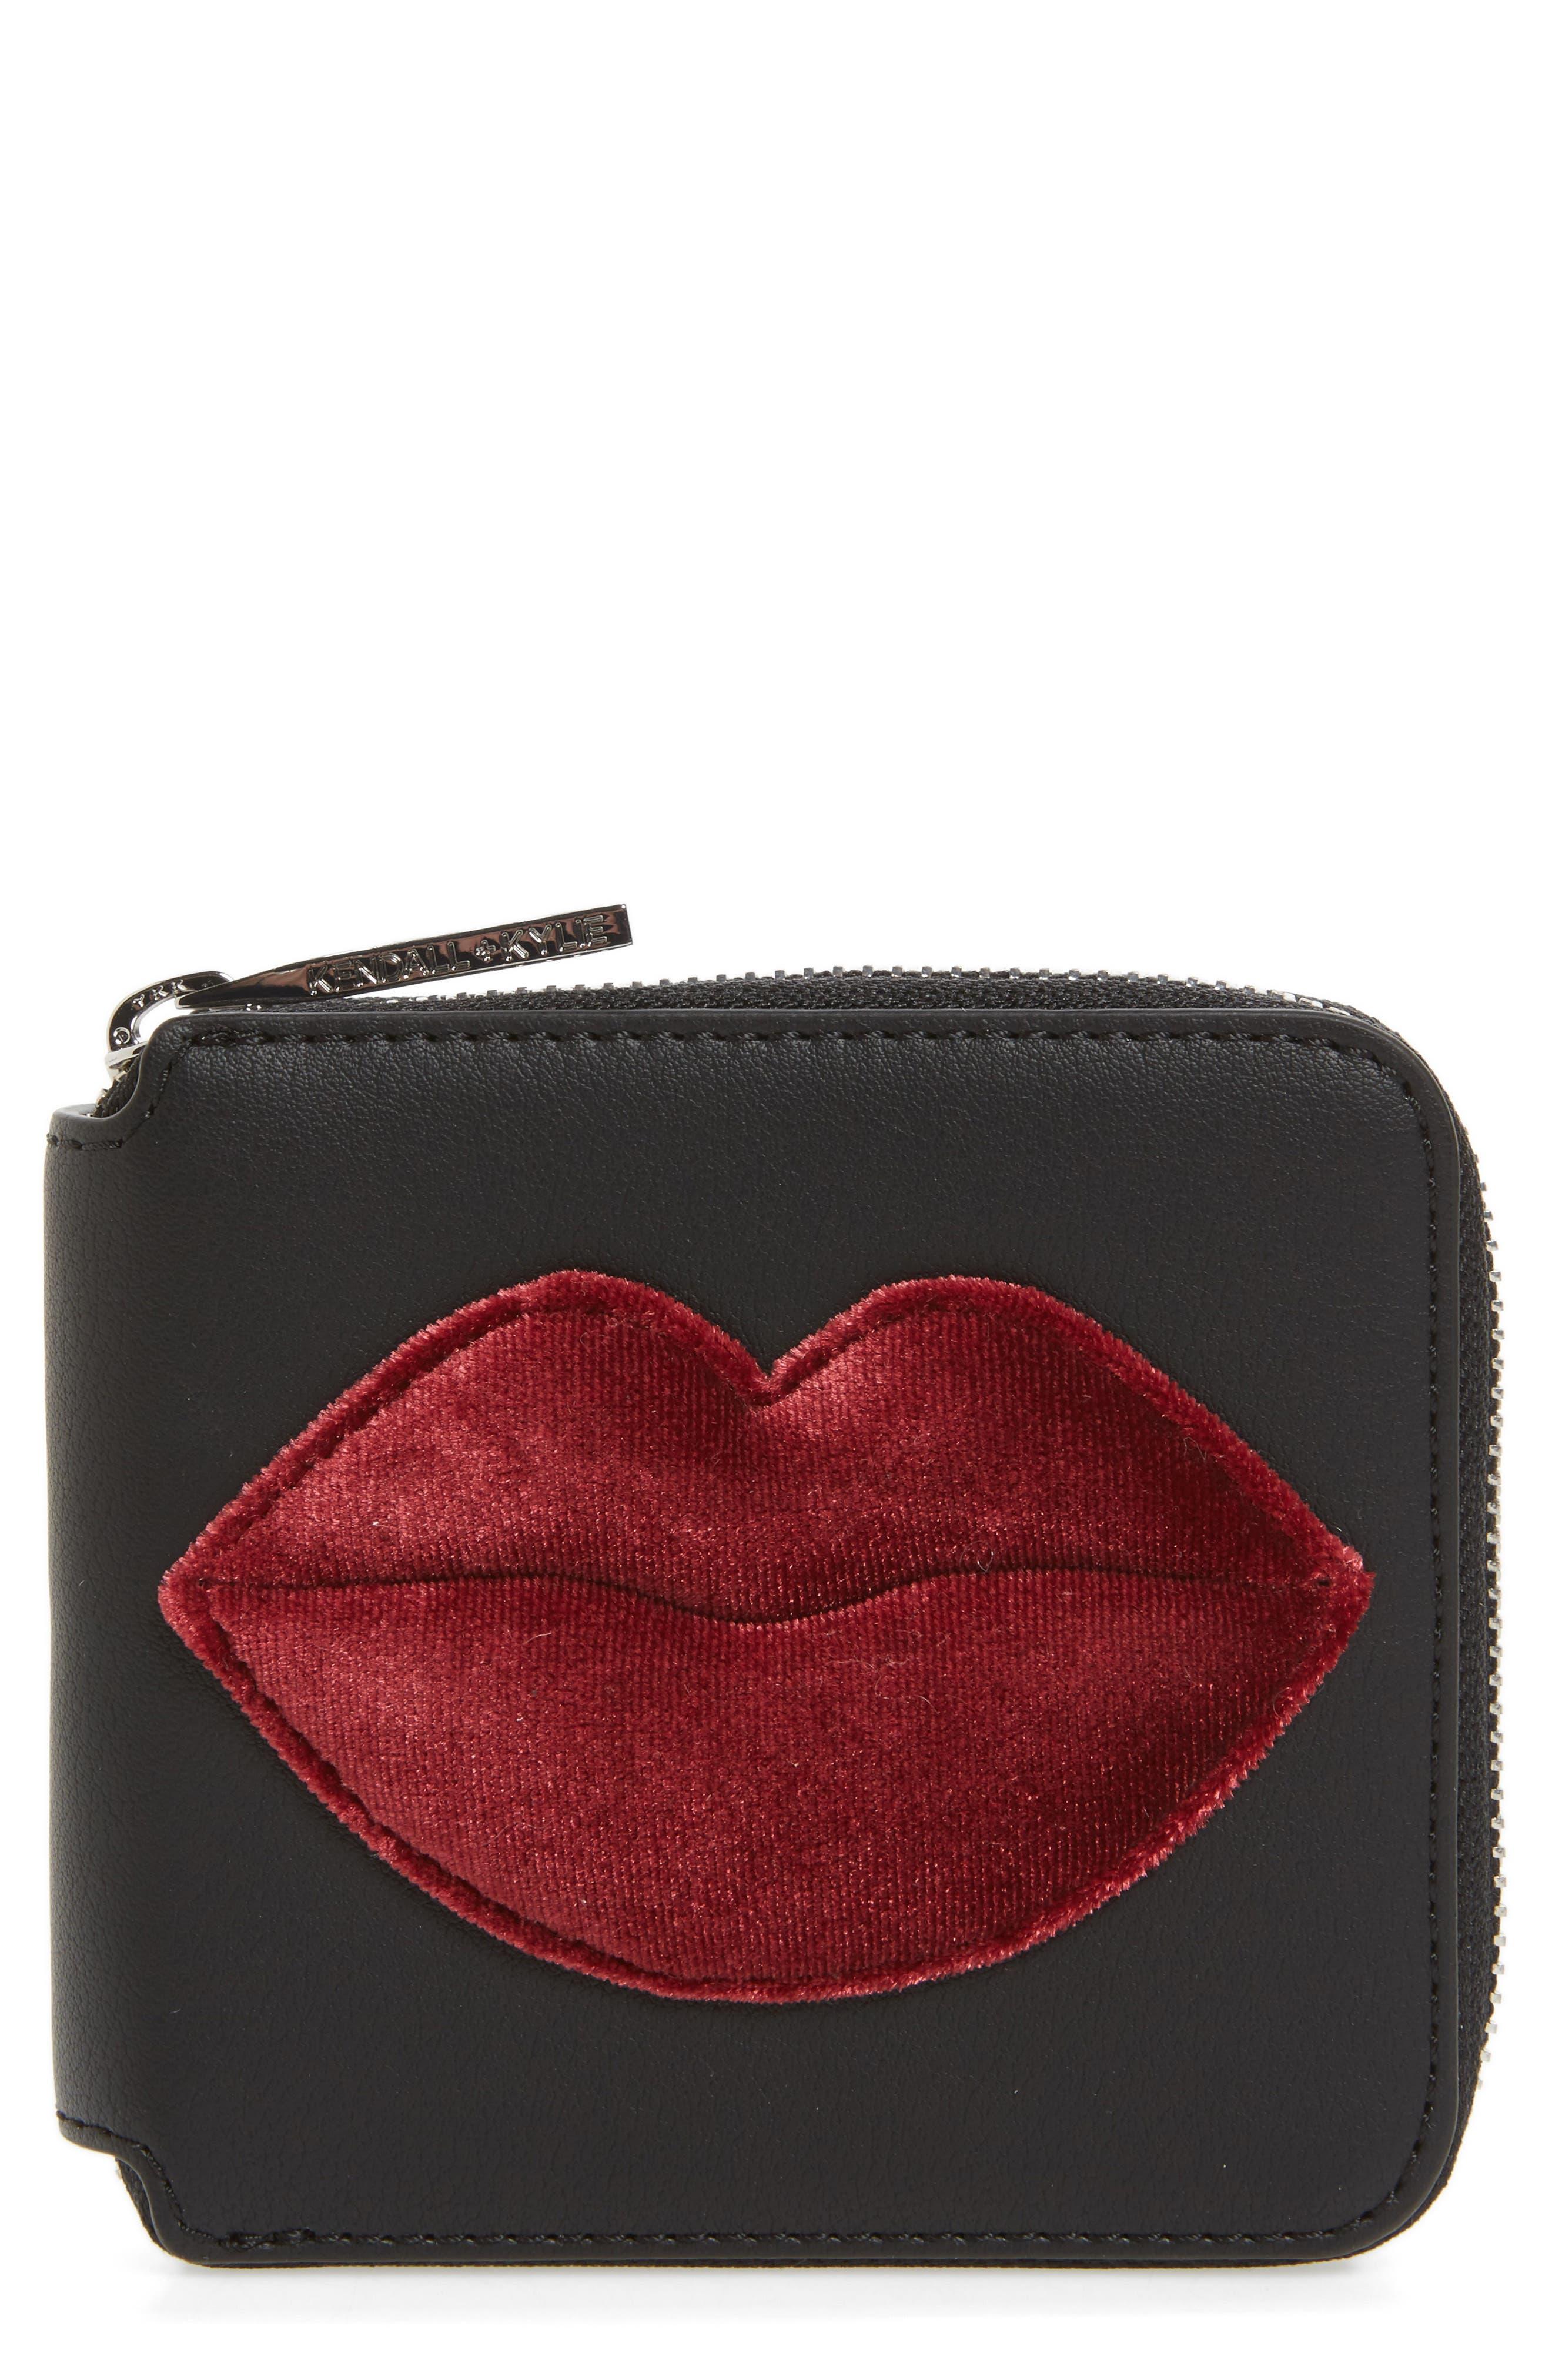 Brody Lips Wallet,                         Main,                         color, Black